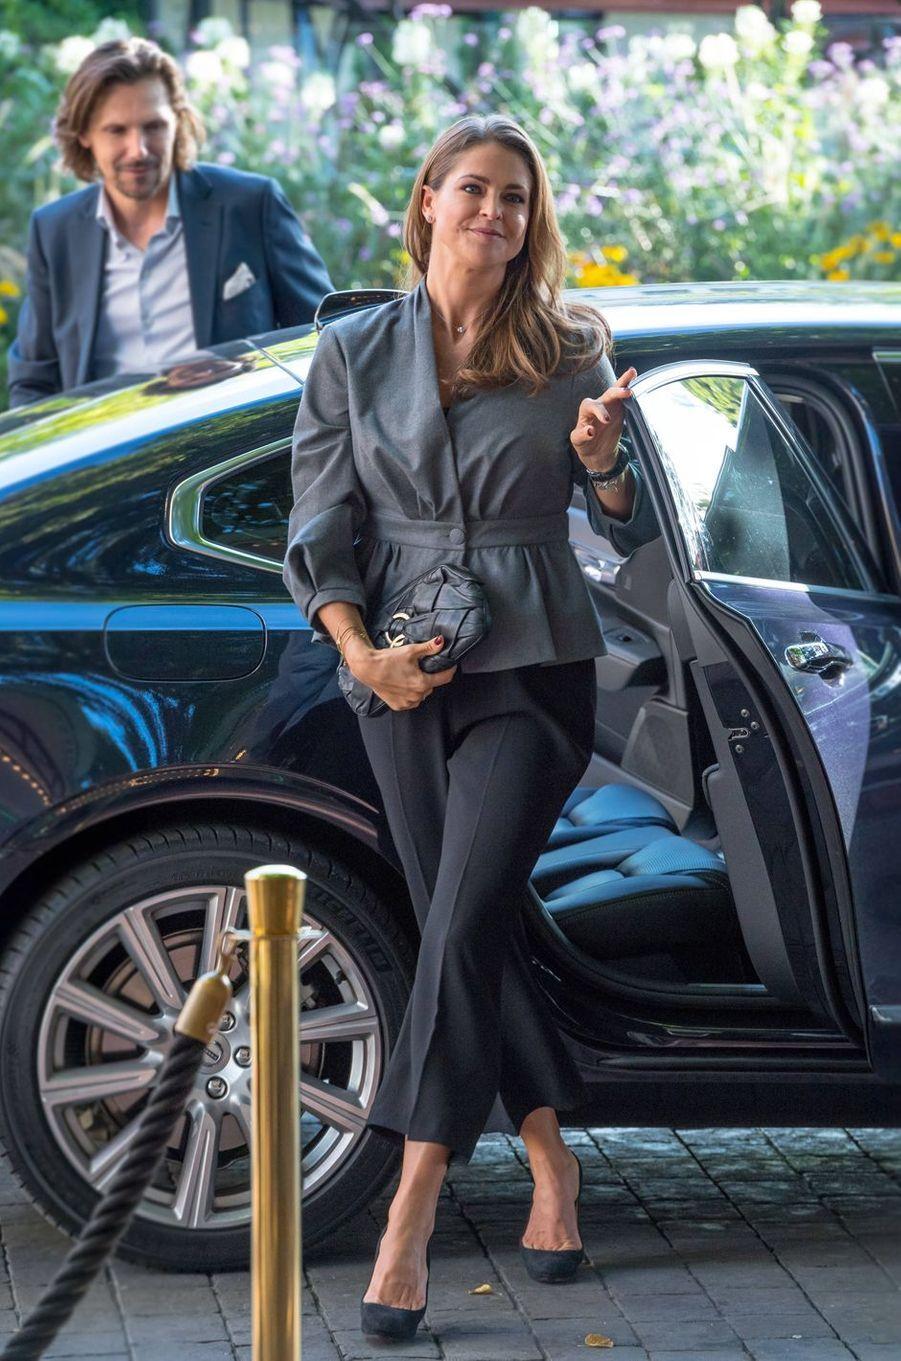 La princesse Madeleine de Suède et son cousin Patrick Sommerlath à Stockholm, le 13 septembre 2017